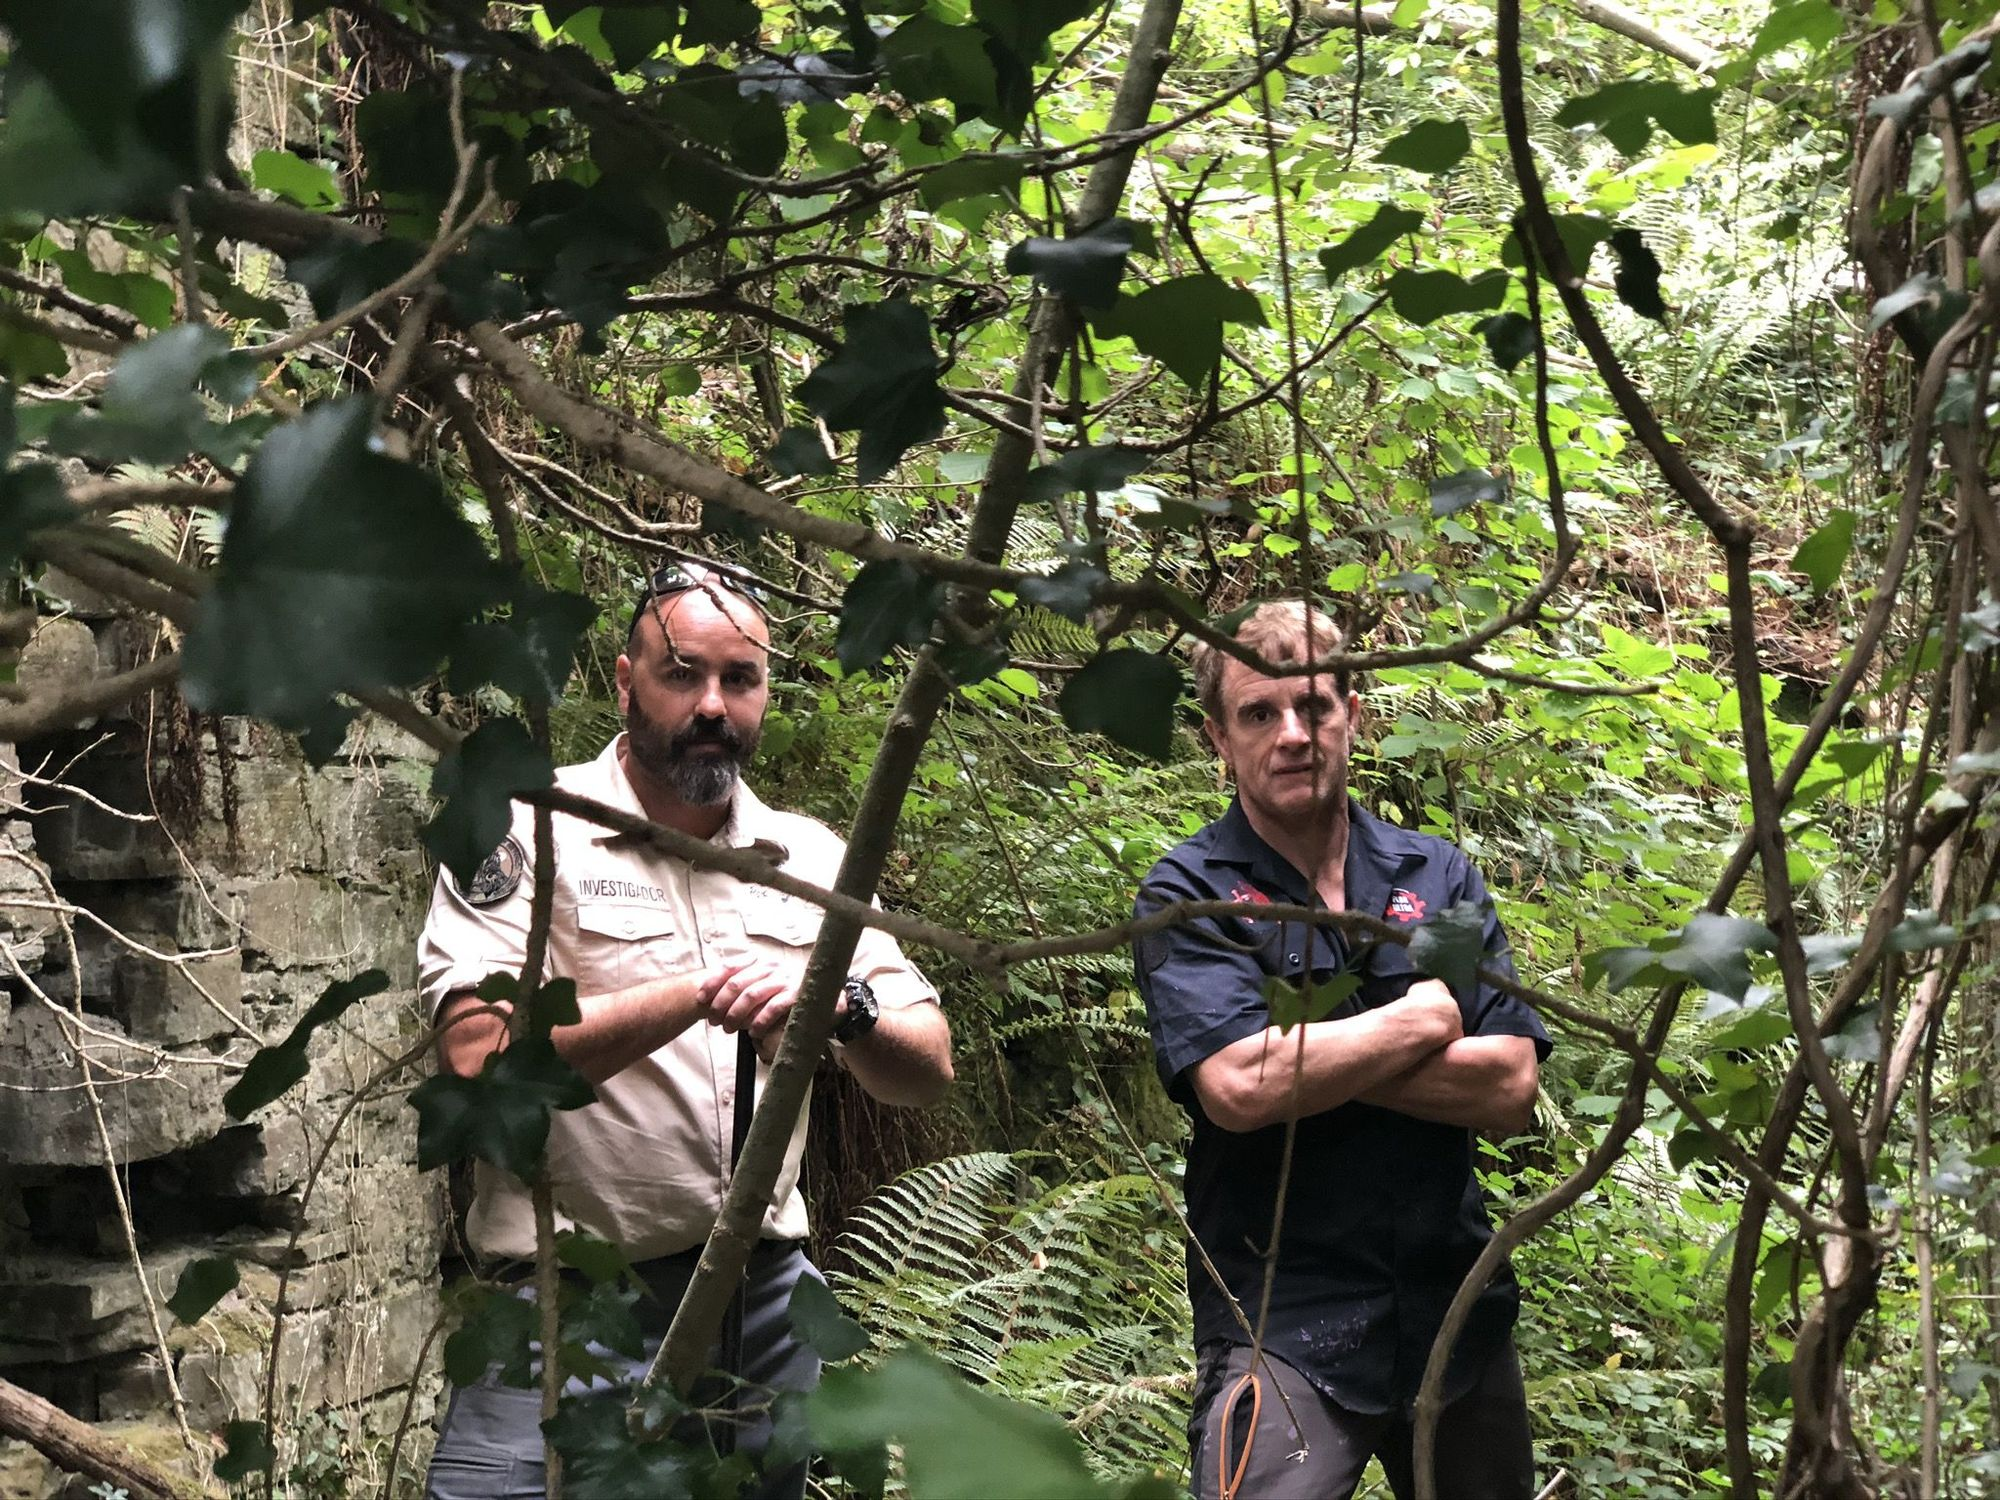 Tras una expedición, en Asturias